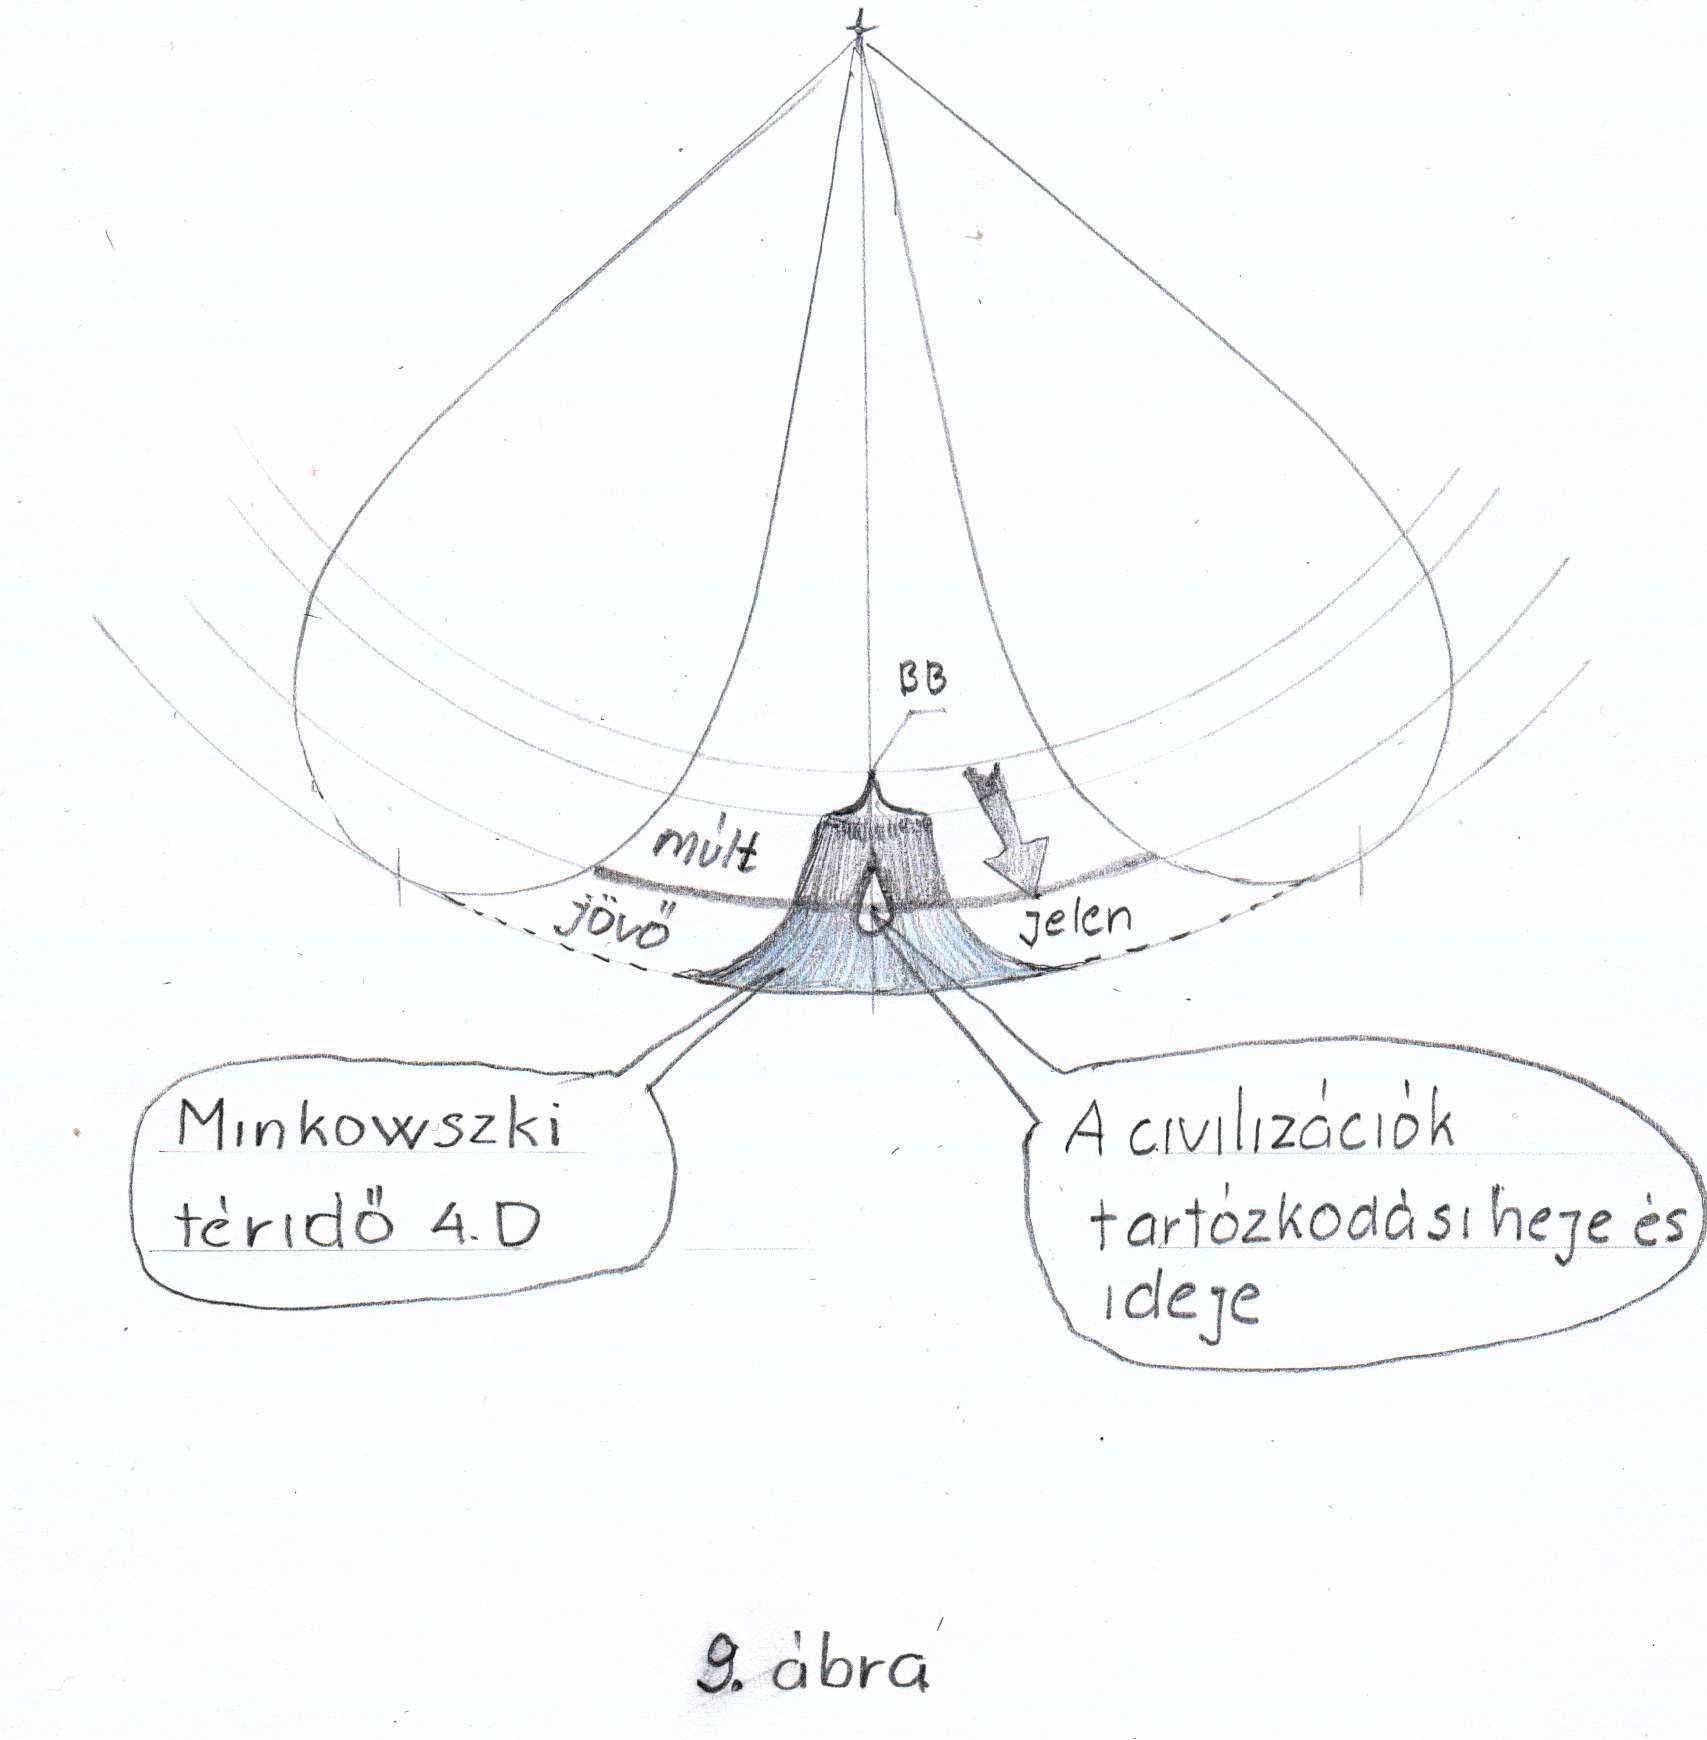 9_abra 001.jpg